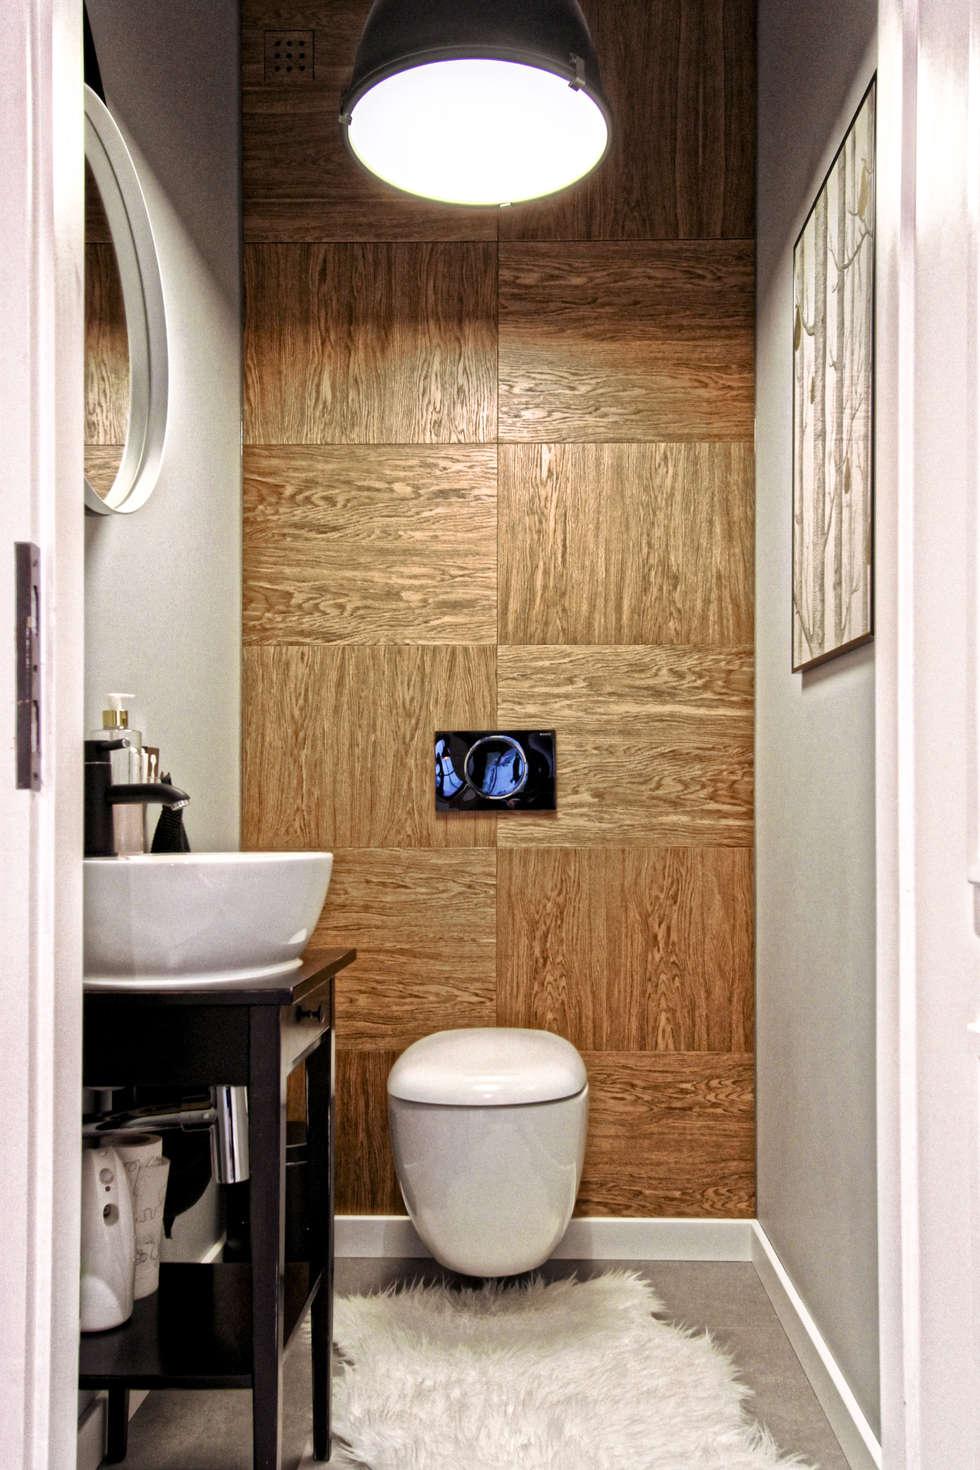 Skandinavische Badezimmer Bilder In Weiß Von Mothi.form | Homify Skandinavische Badezimmer